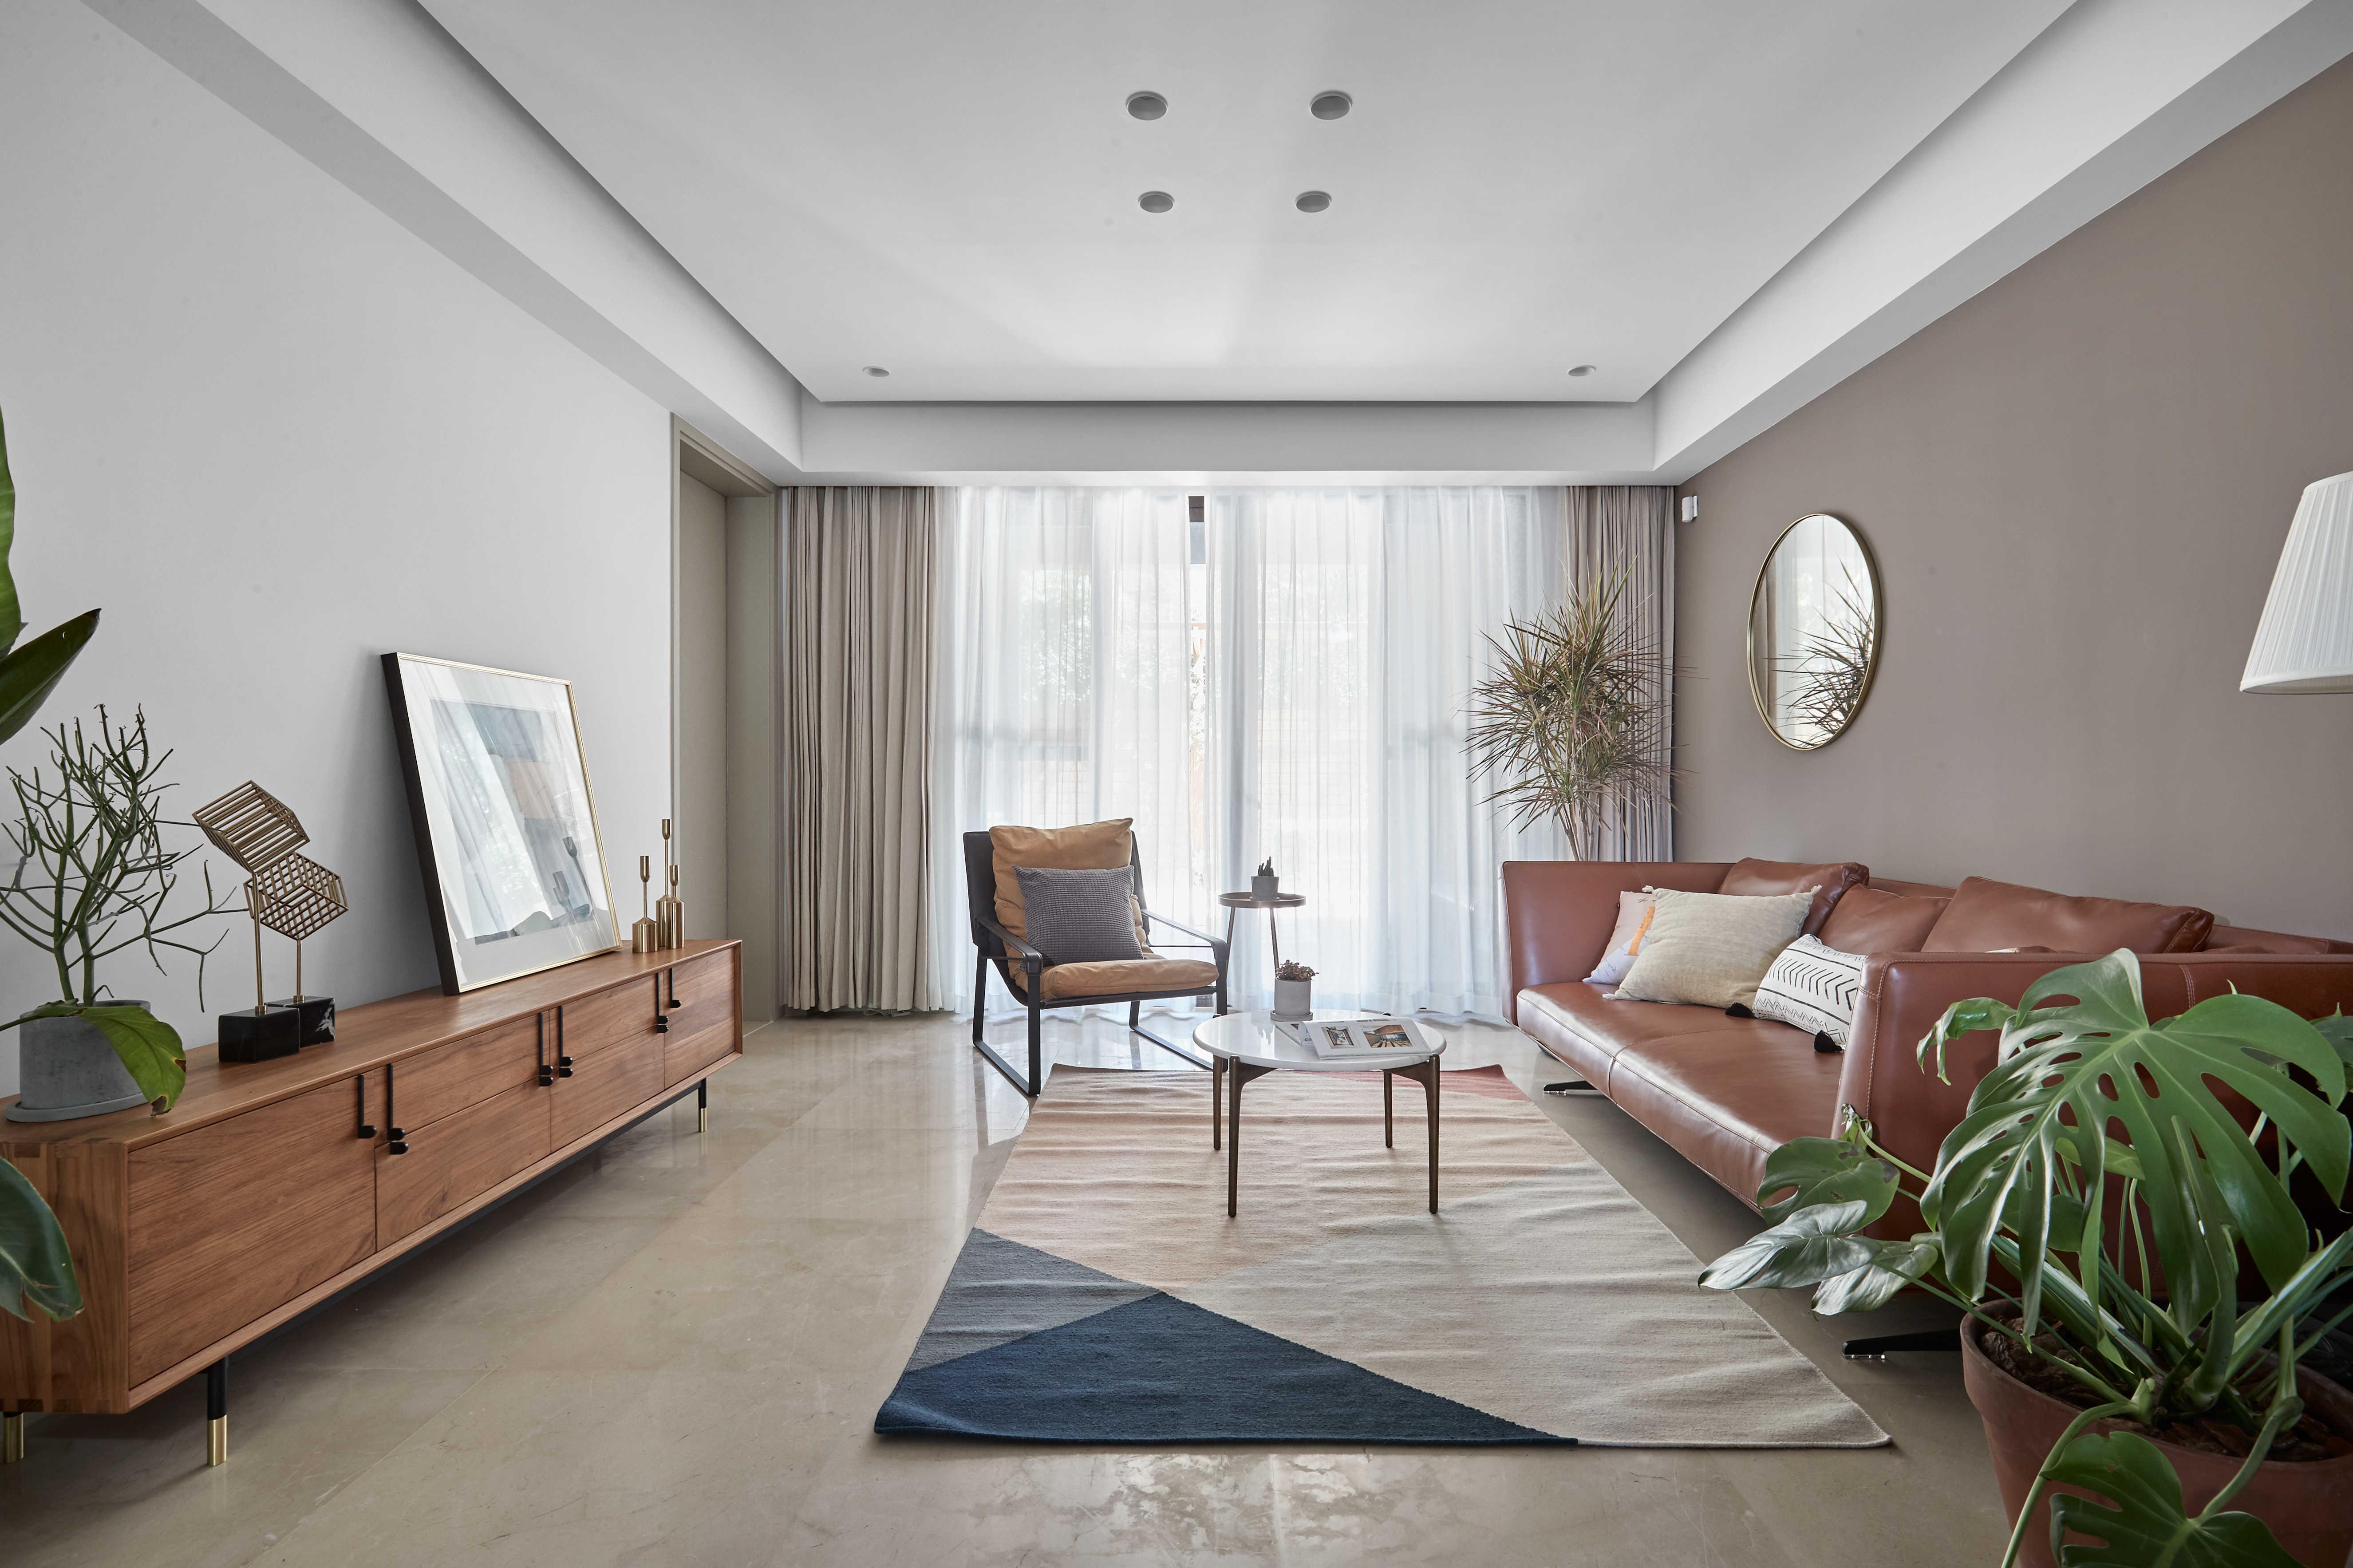 简约休闲三居室客厅装修效果图